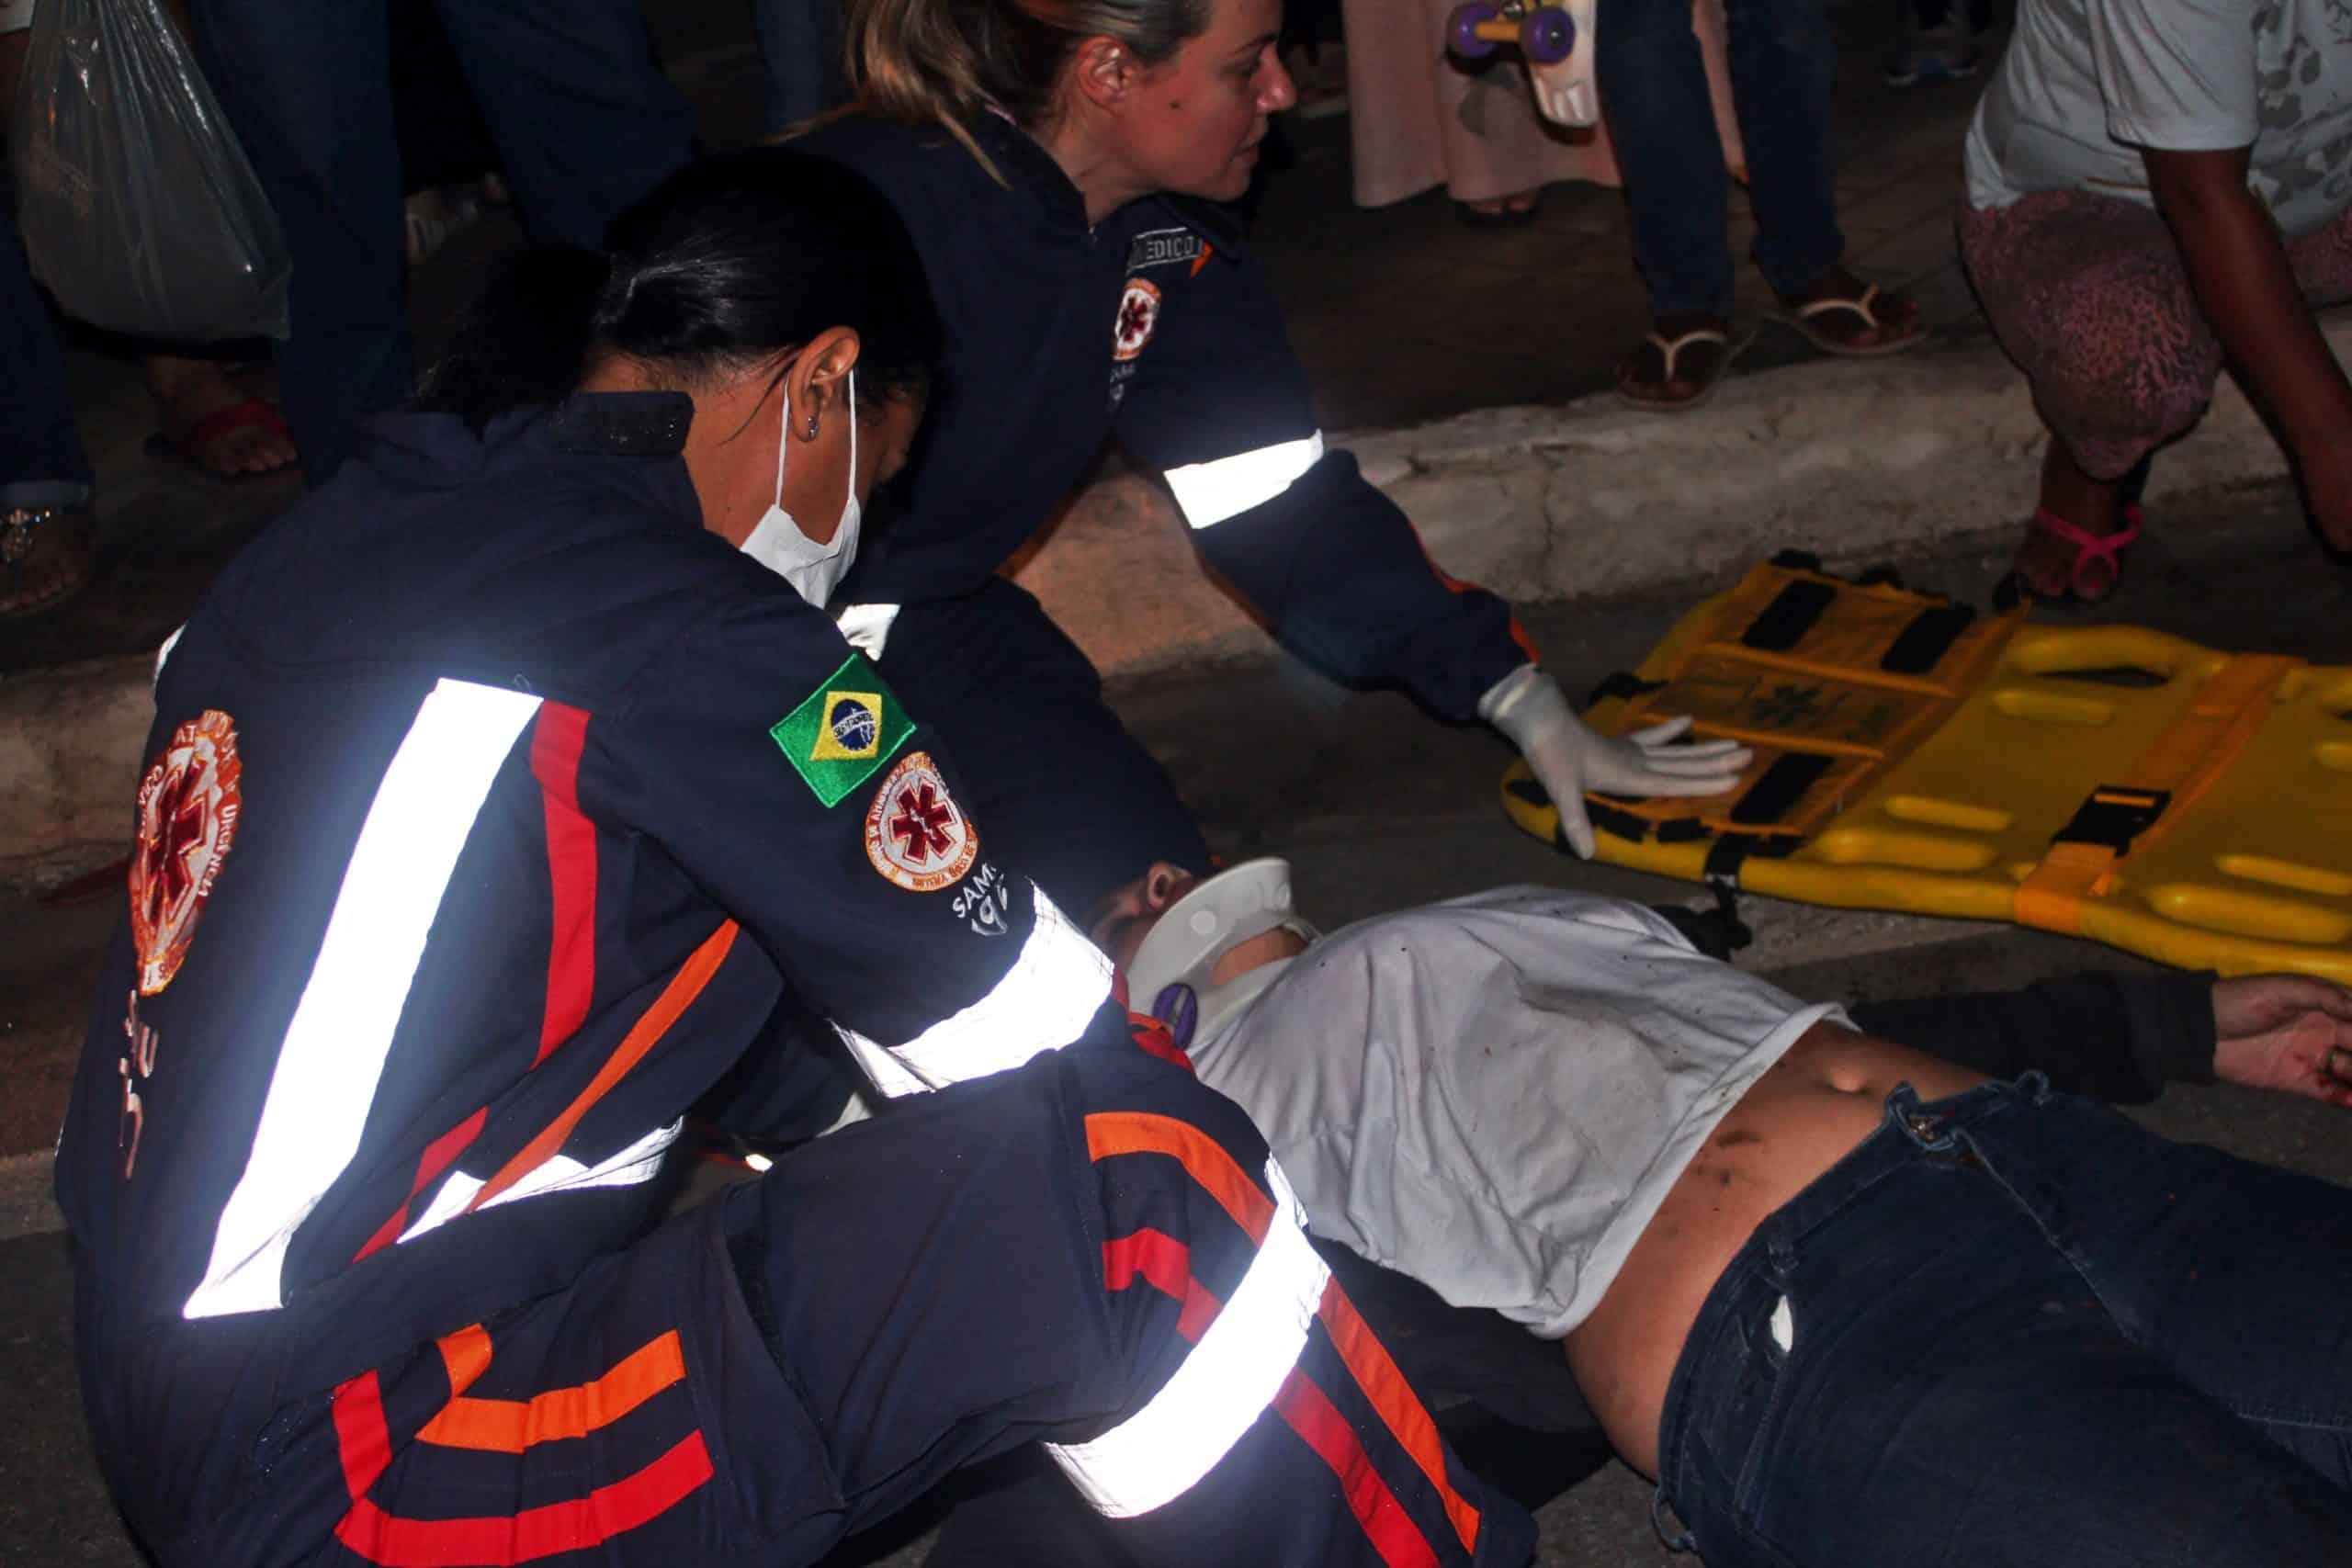 Sara foi encaminhada para a Unidade de Pronto Atendimento de Guarapari com ferimentos leves